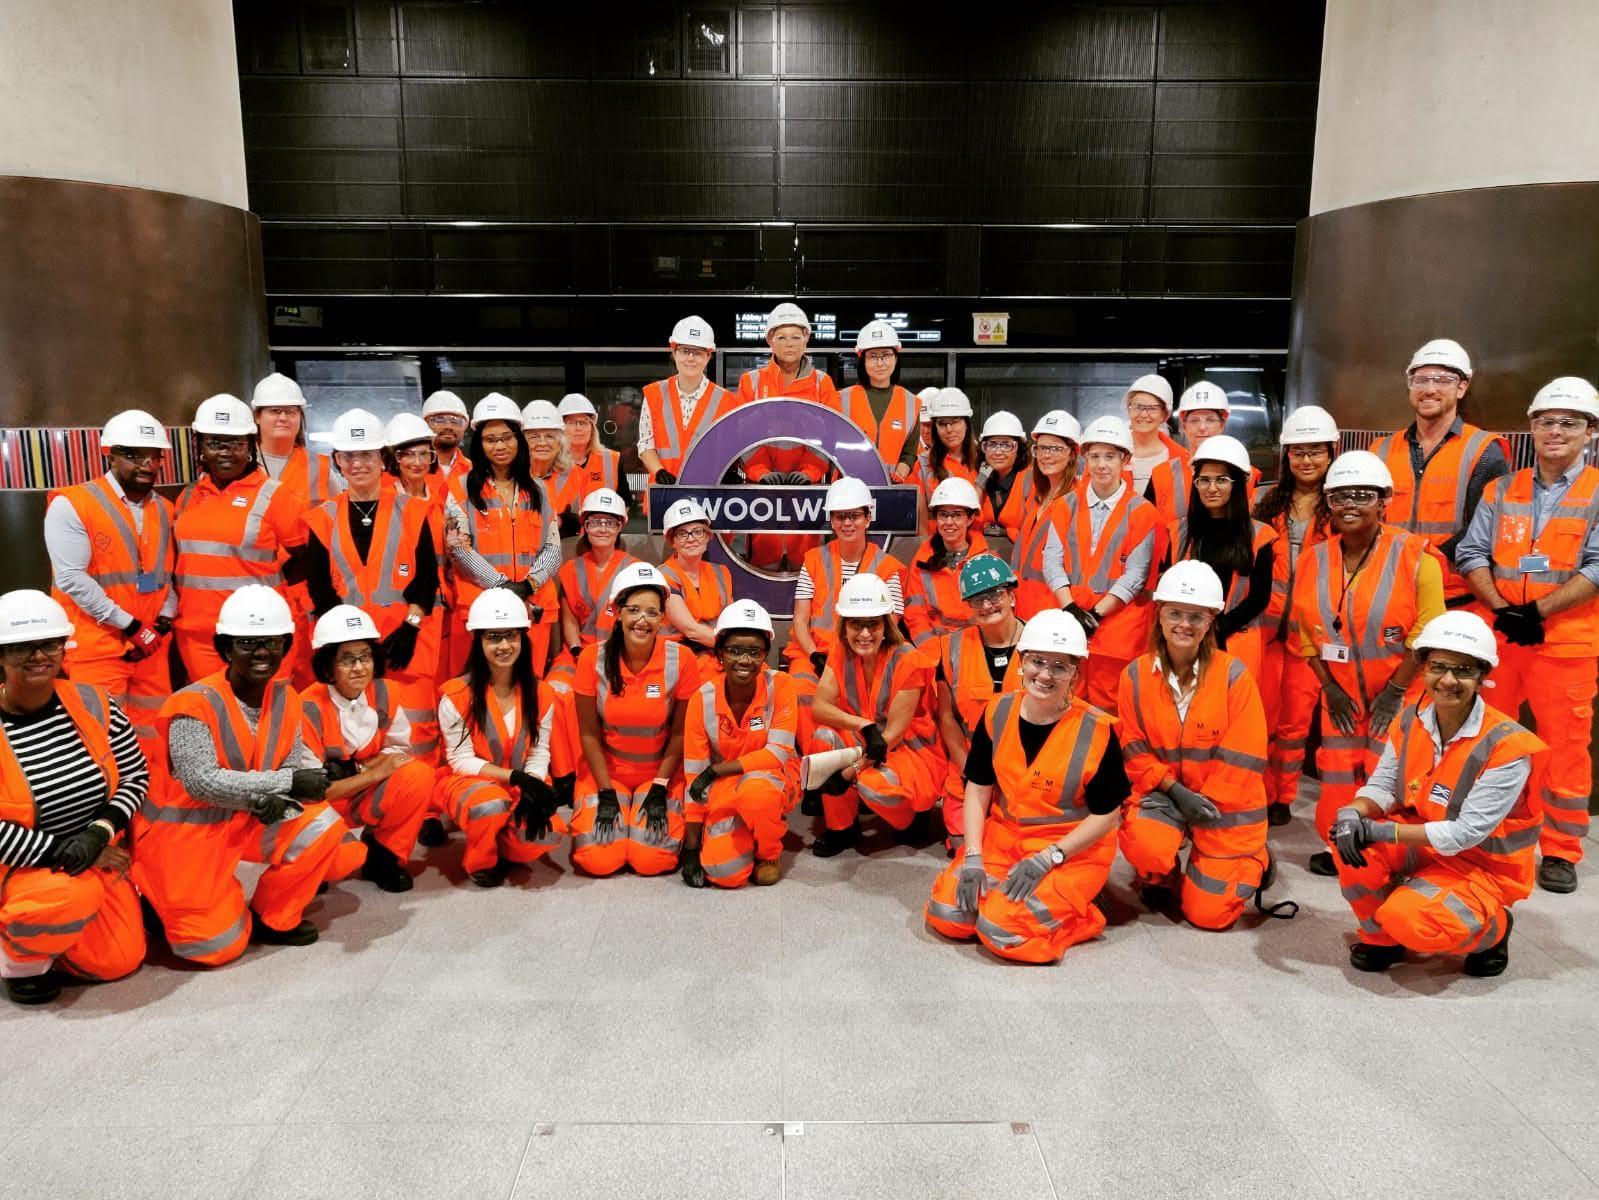 Woolwich Crossrail Group Photo.jpg